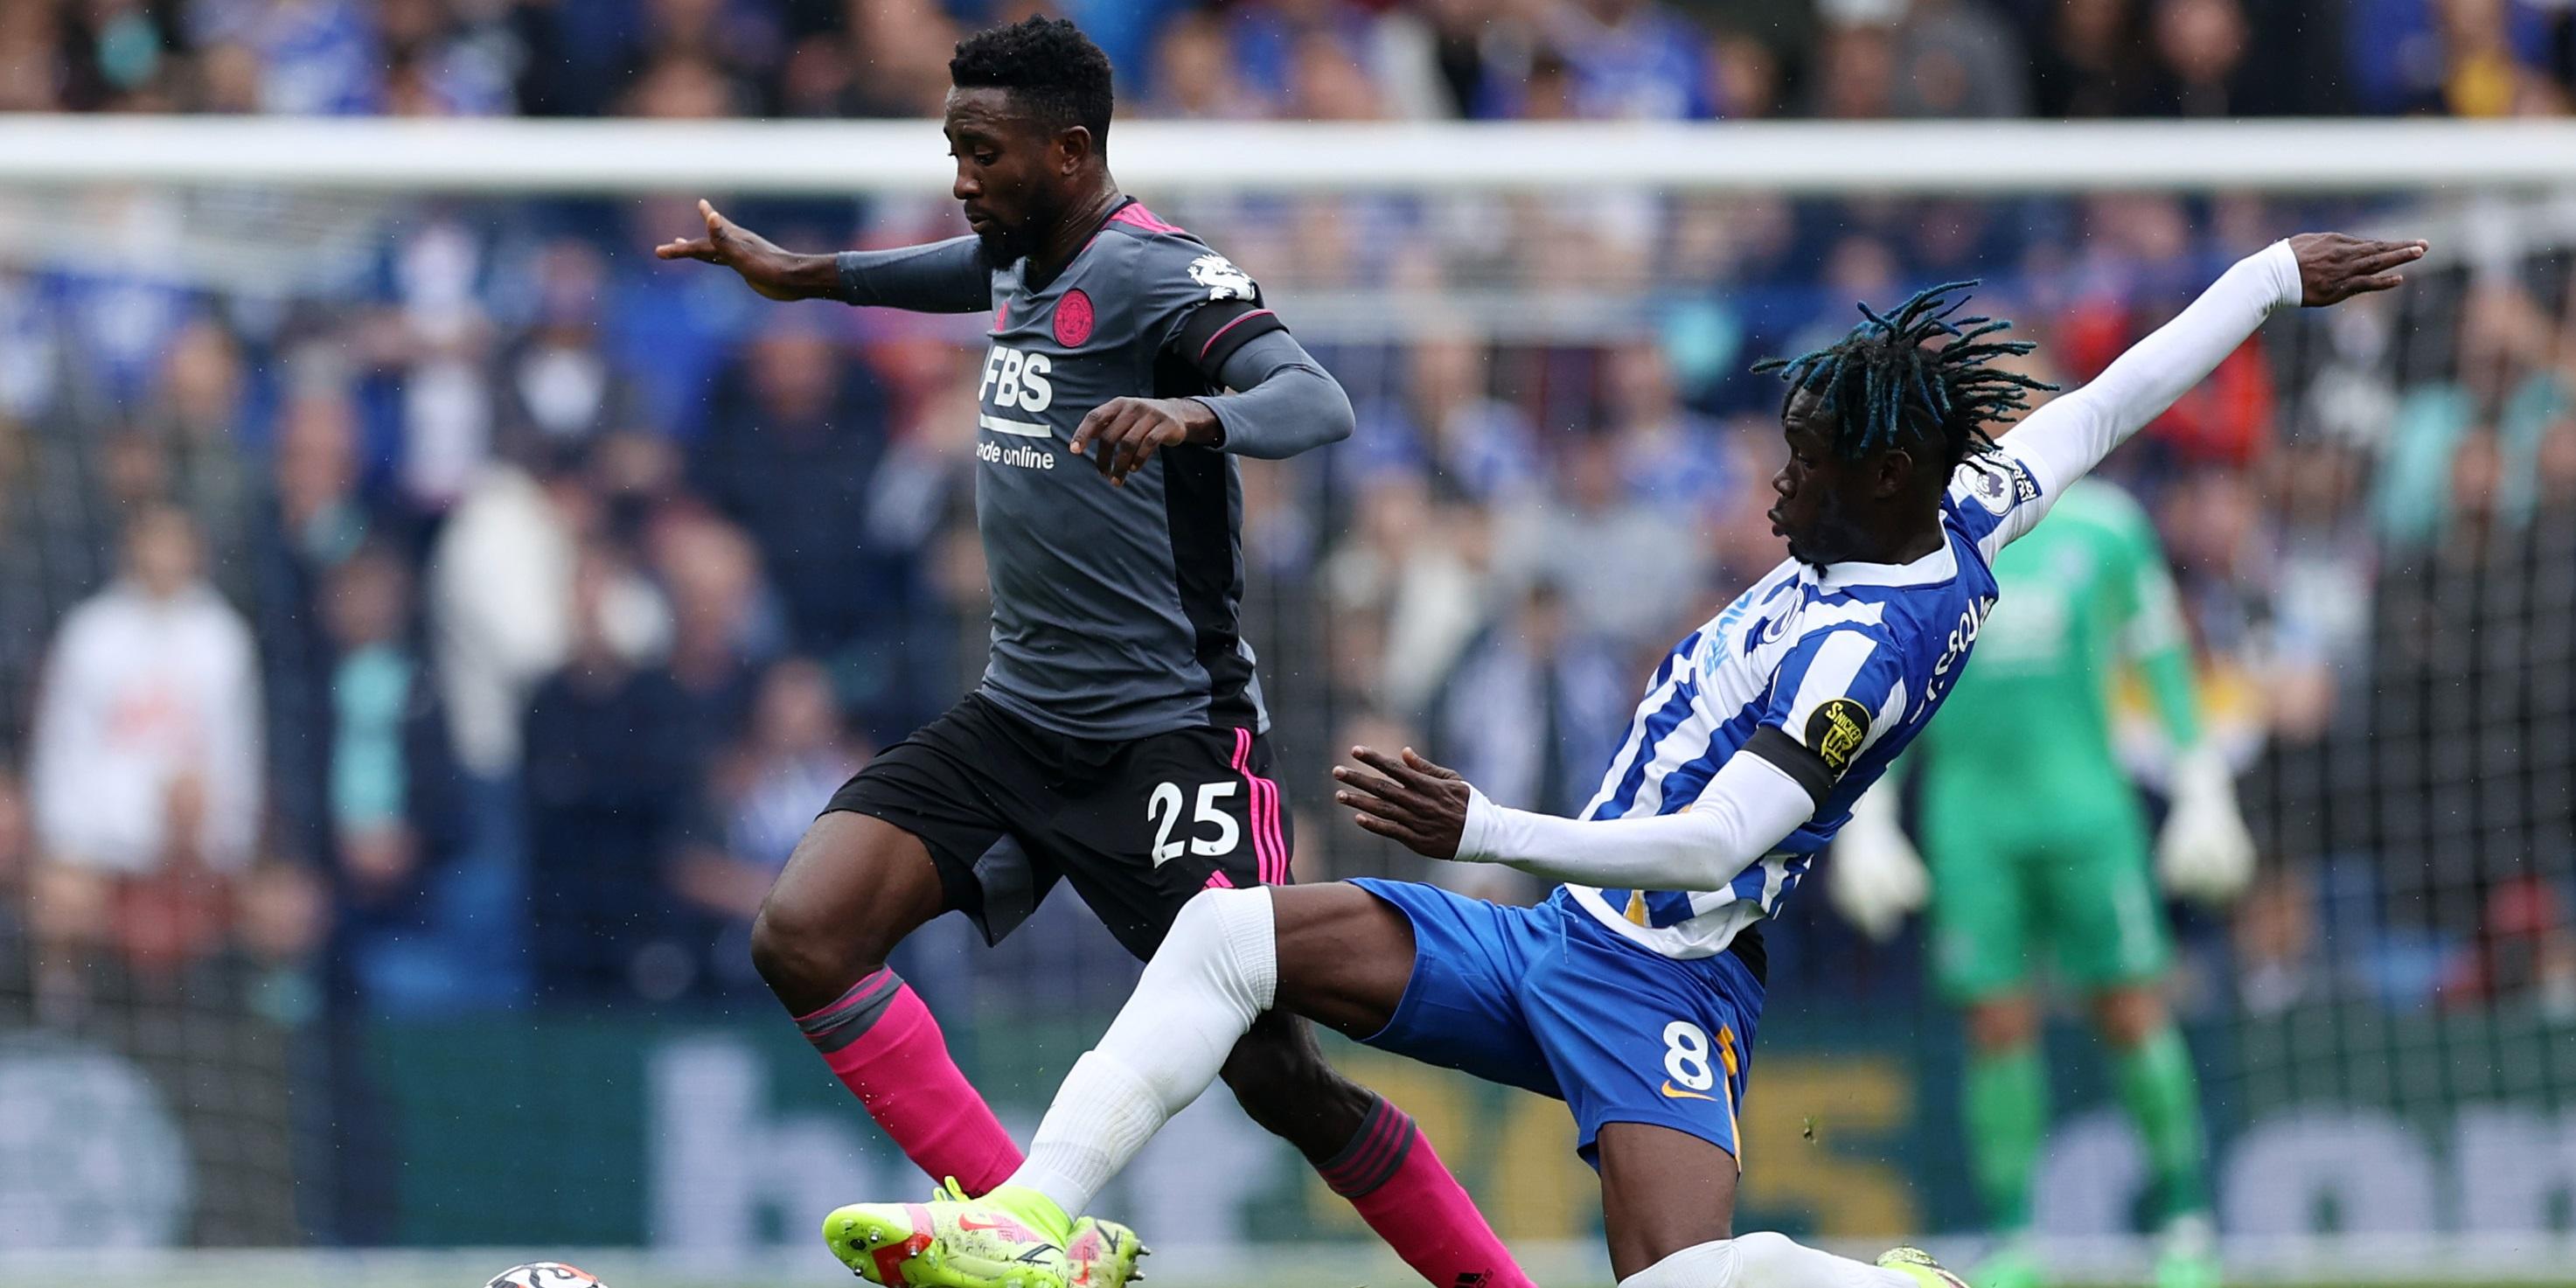 Liverpool to make 'huge offer' for 25-year-old midfielder in January – Ekrem Konur